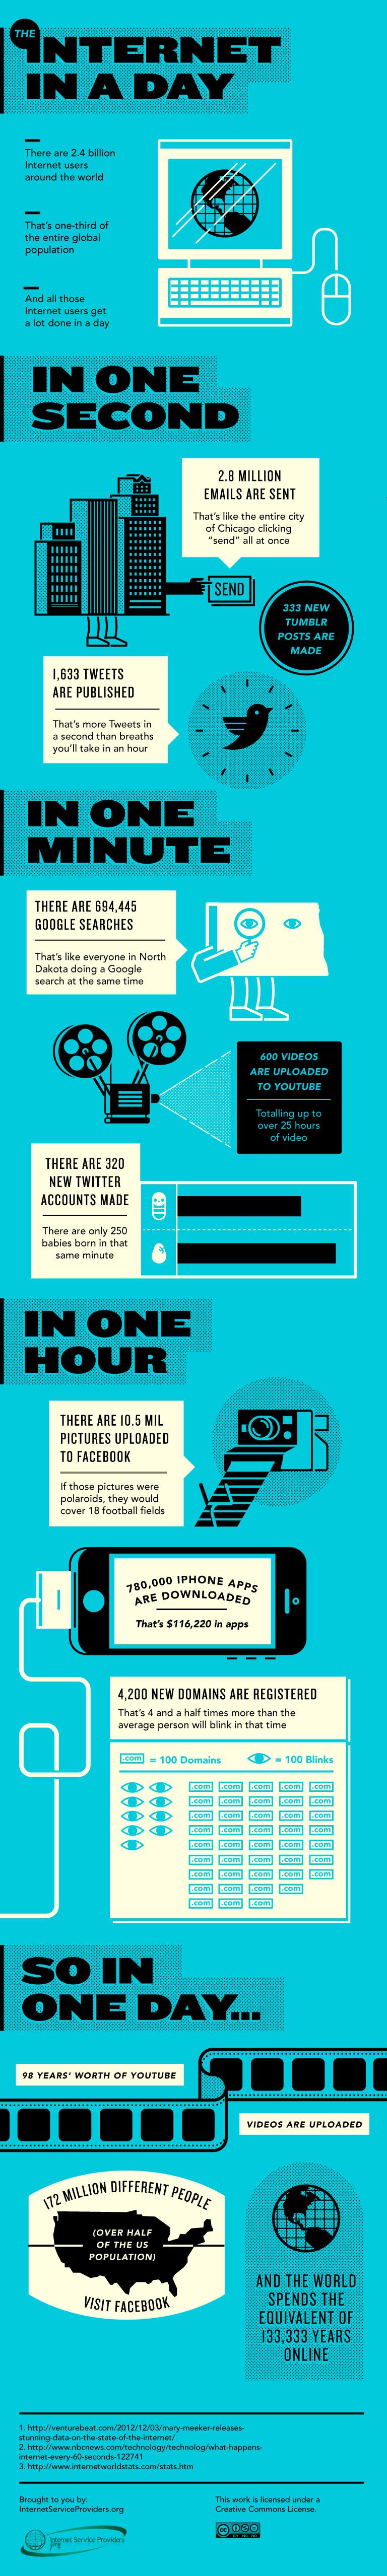 ¿Qué hacemos a lo largo de un día en internet?